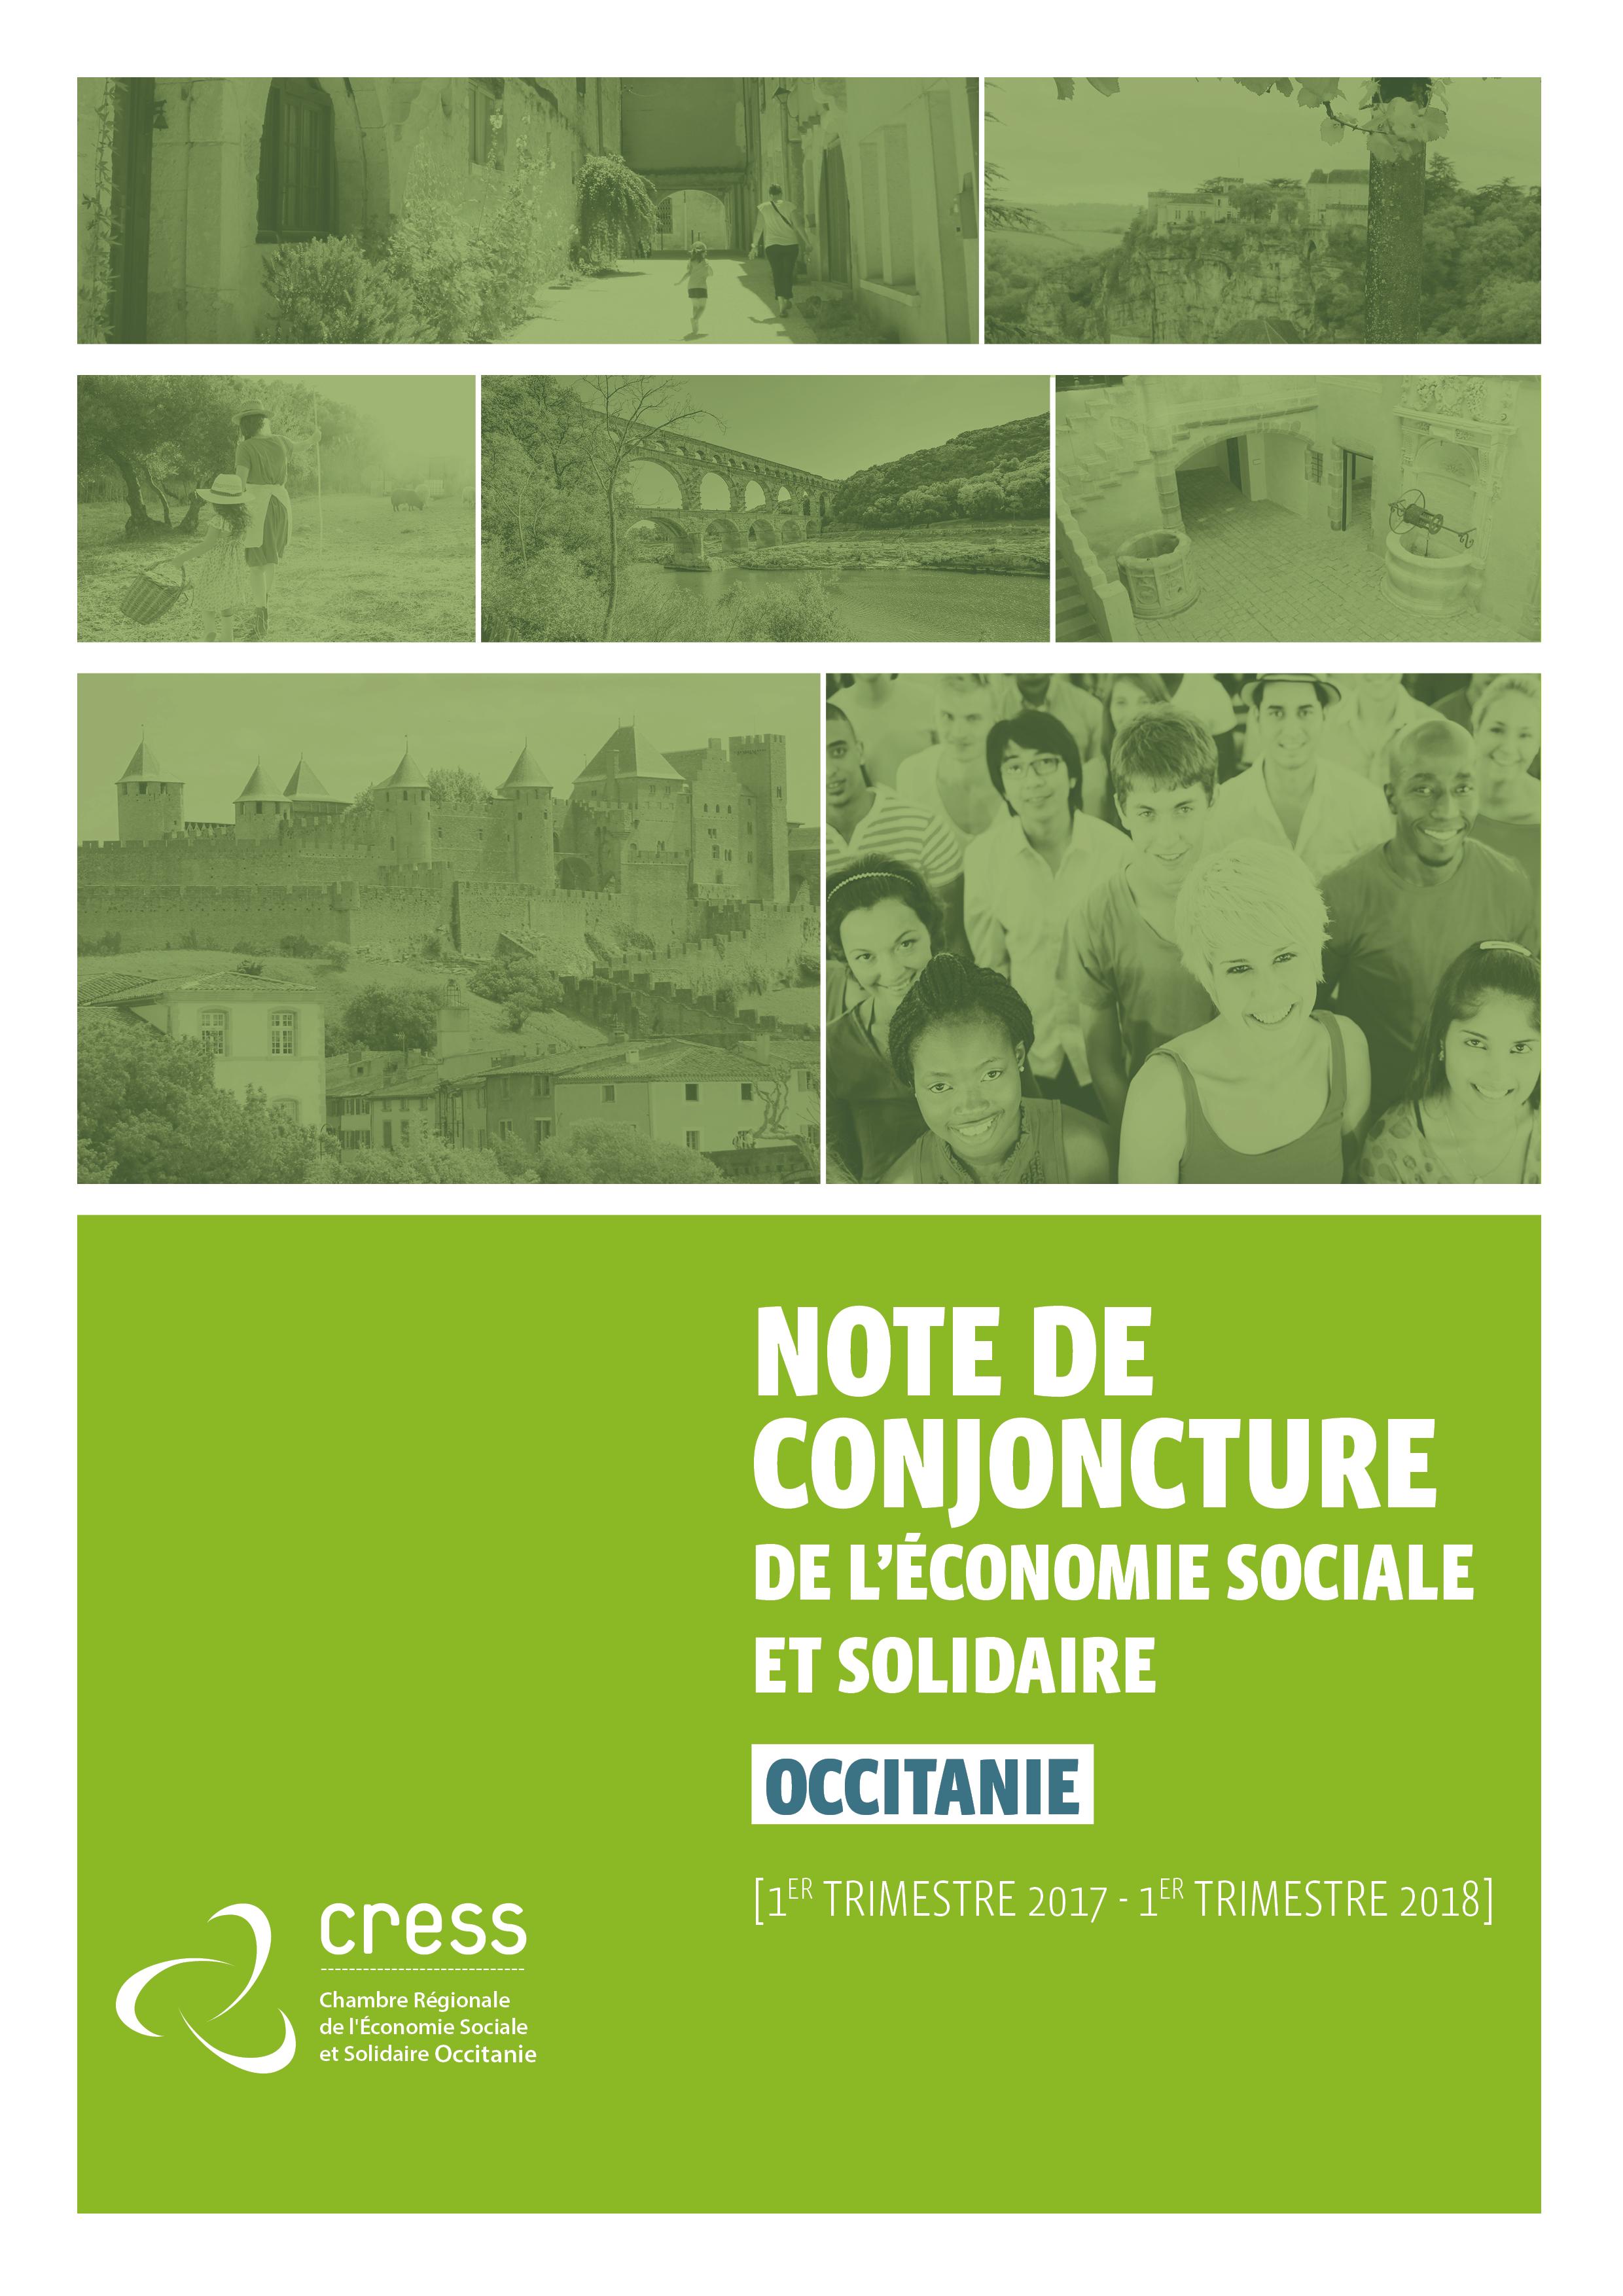 Note de conjoncture_Occitanie_2018_couv